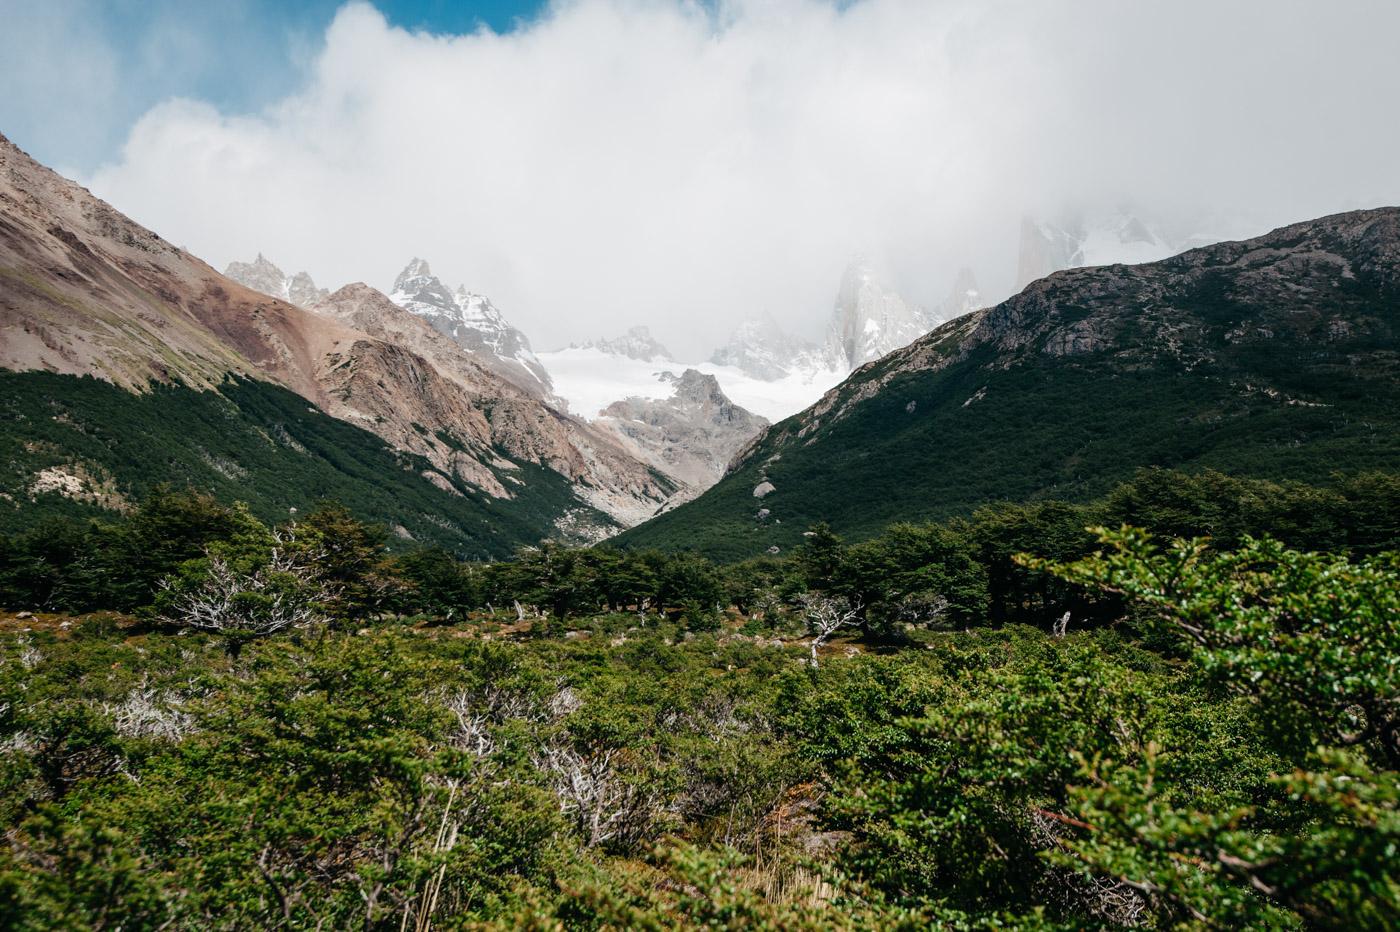 Argentina Patagonia ElChalten FitzRoy LagunaDeLosTres-004